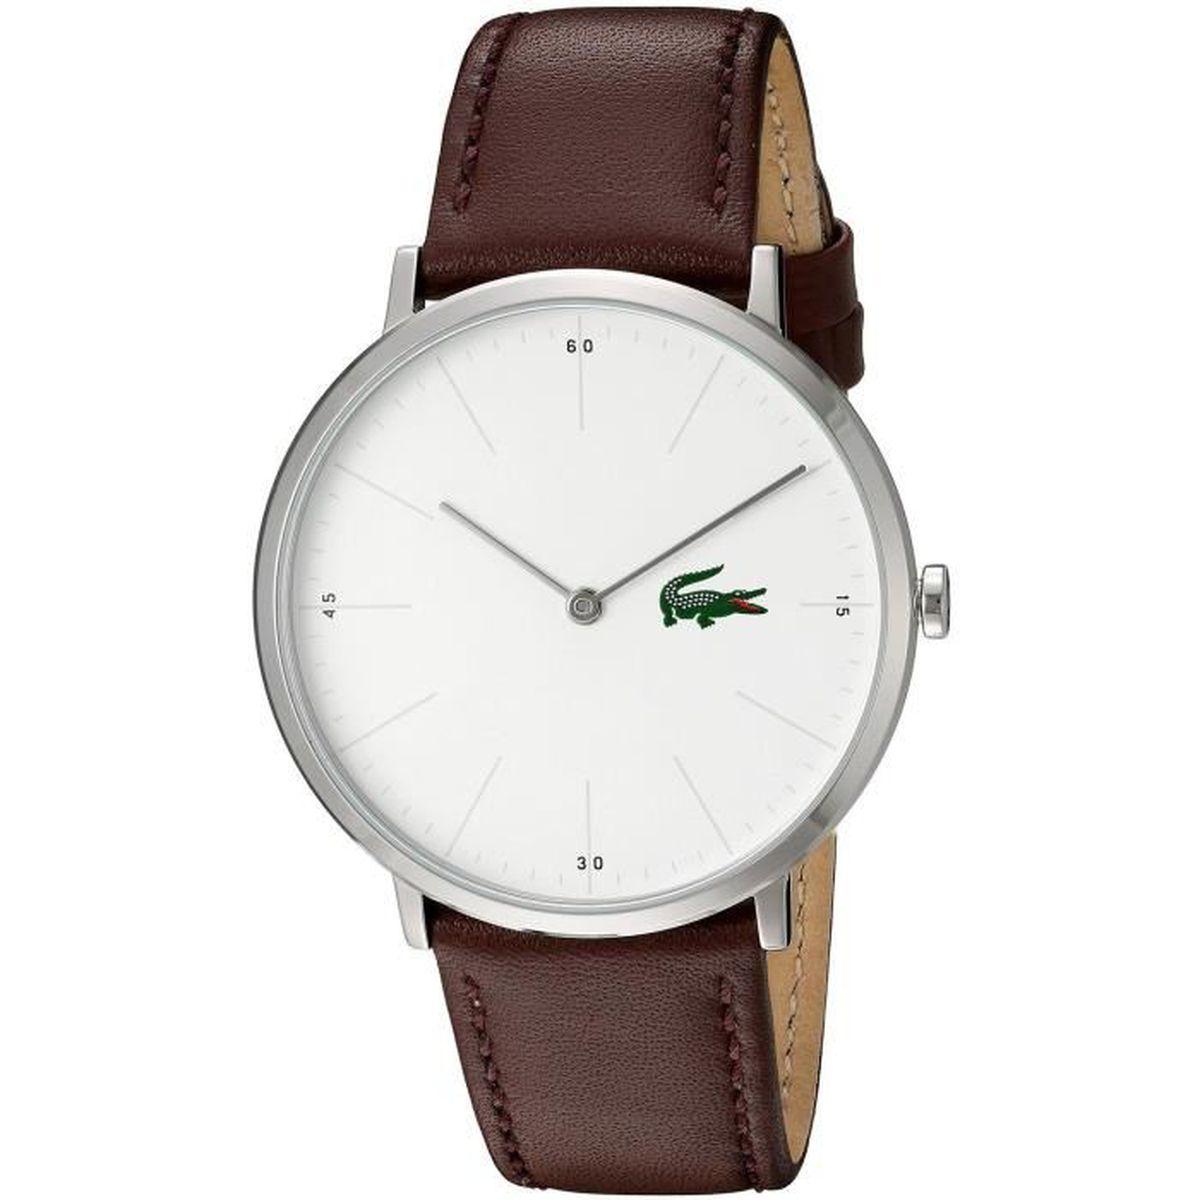 Montre Lacoste Bracelet Blanc 40mm Cuir Cadran Quartz Homme Marron TPkXiuZO